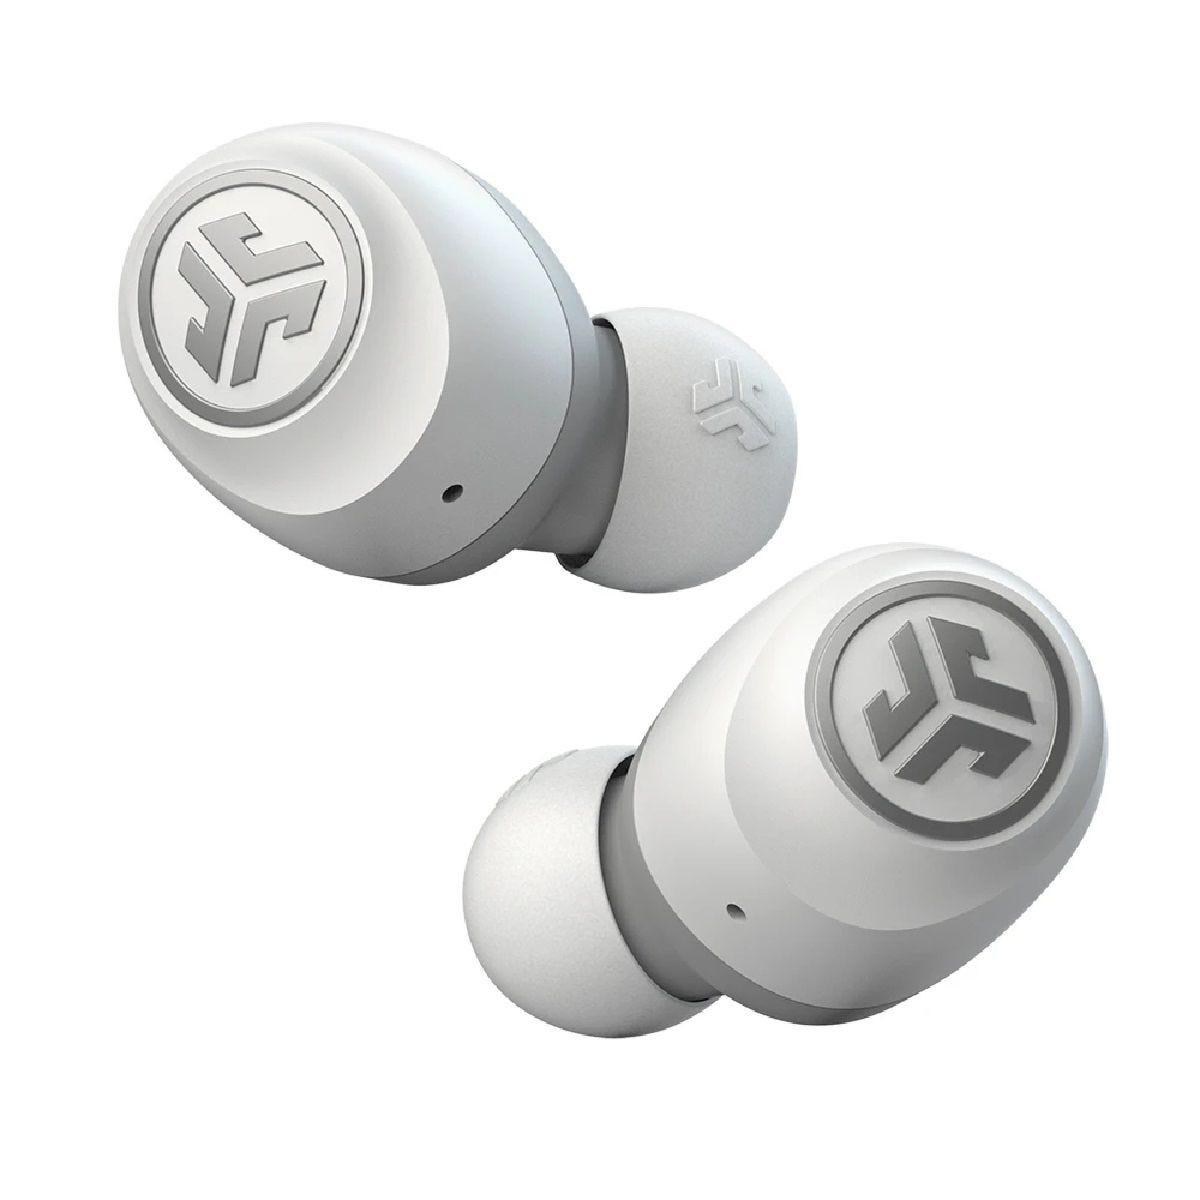 JLab GO Air True Wireless Earbuds - White